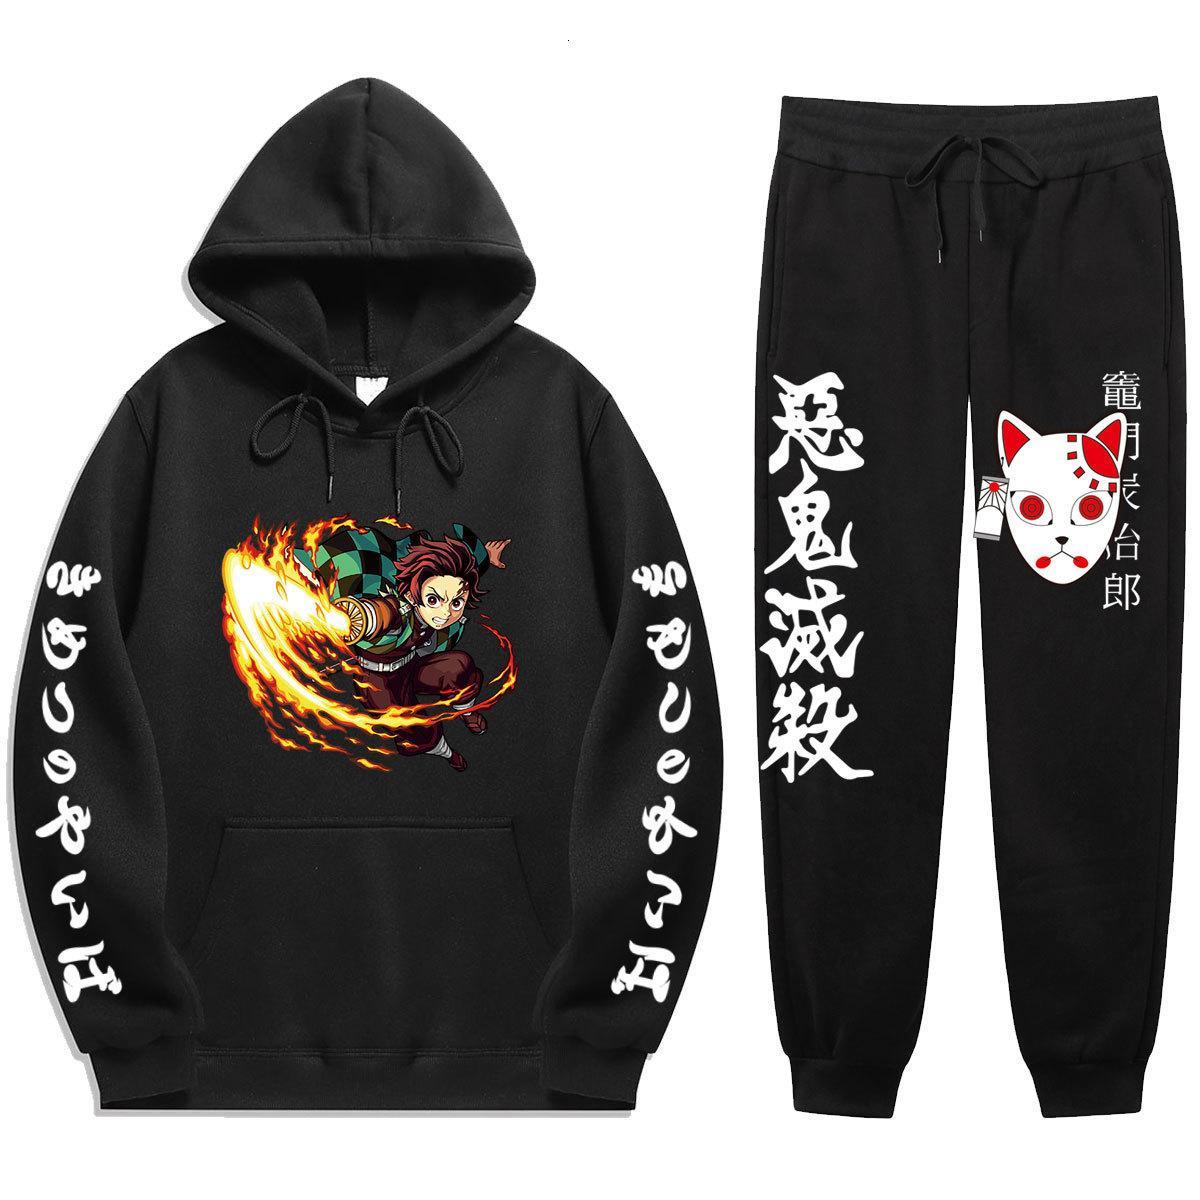 2021 Yeni Anime Demon Slayer Kış Eşofman Parçası Seti Tanjiro Baskı Hoodies Sportwear Erkekler Spor Suit Kapüşonlu Sweatshirt Harajuku ZWLK